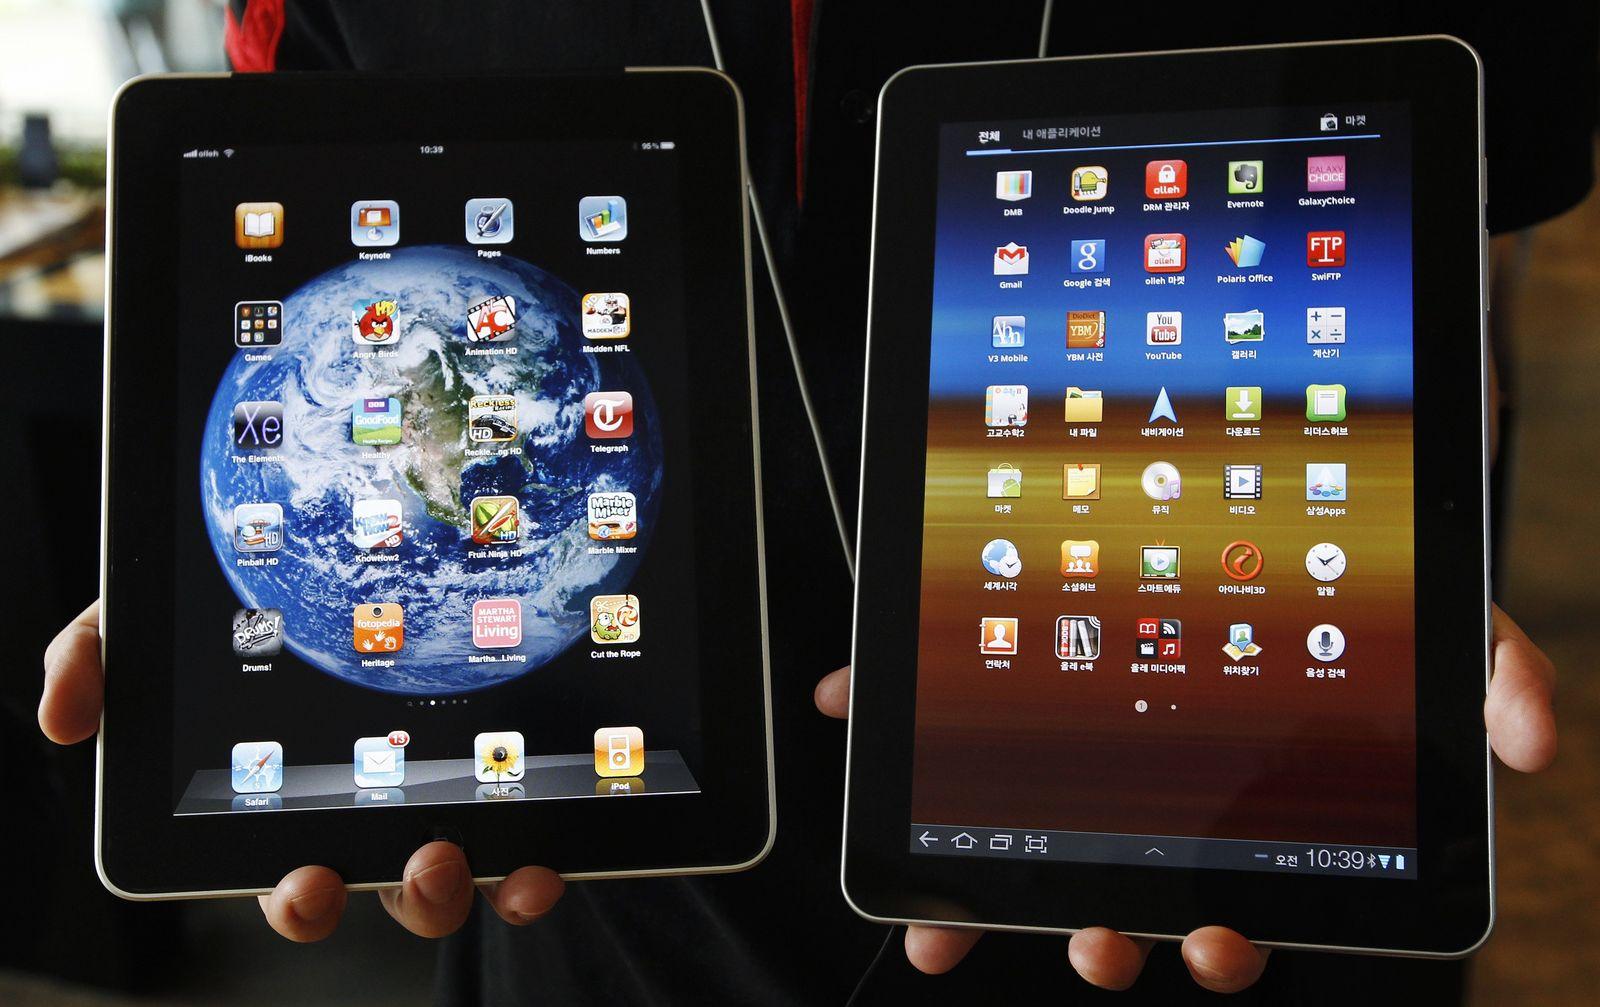 iPad 2 / Galaxy Tab 10.1